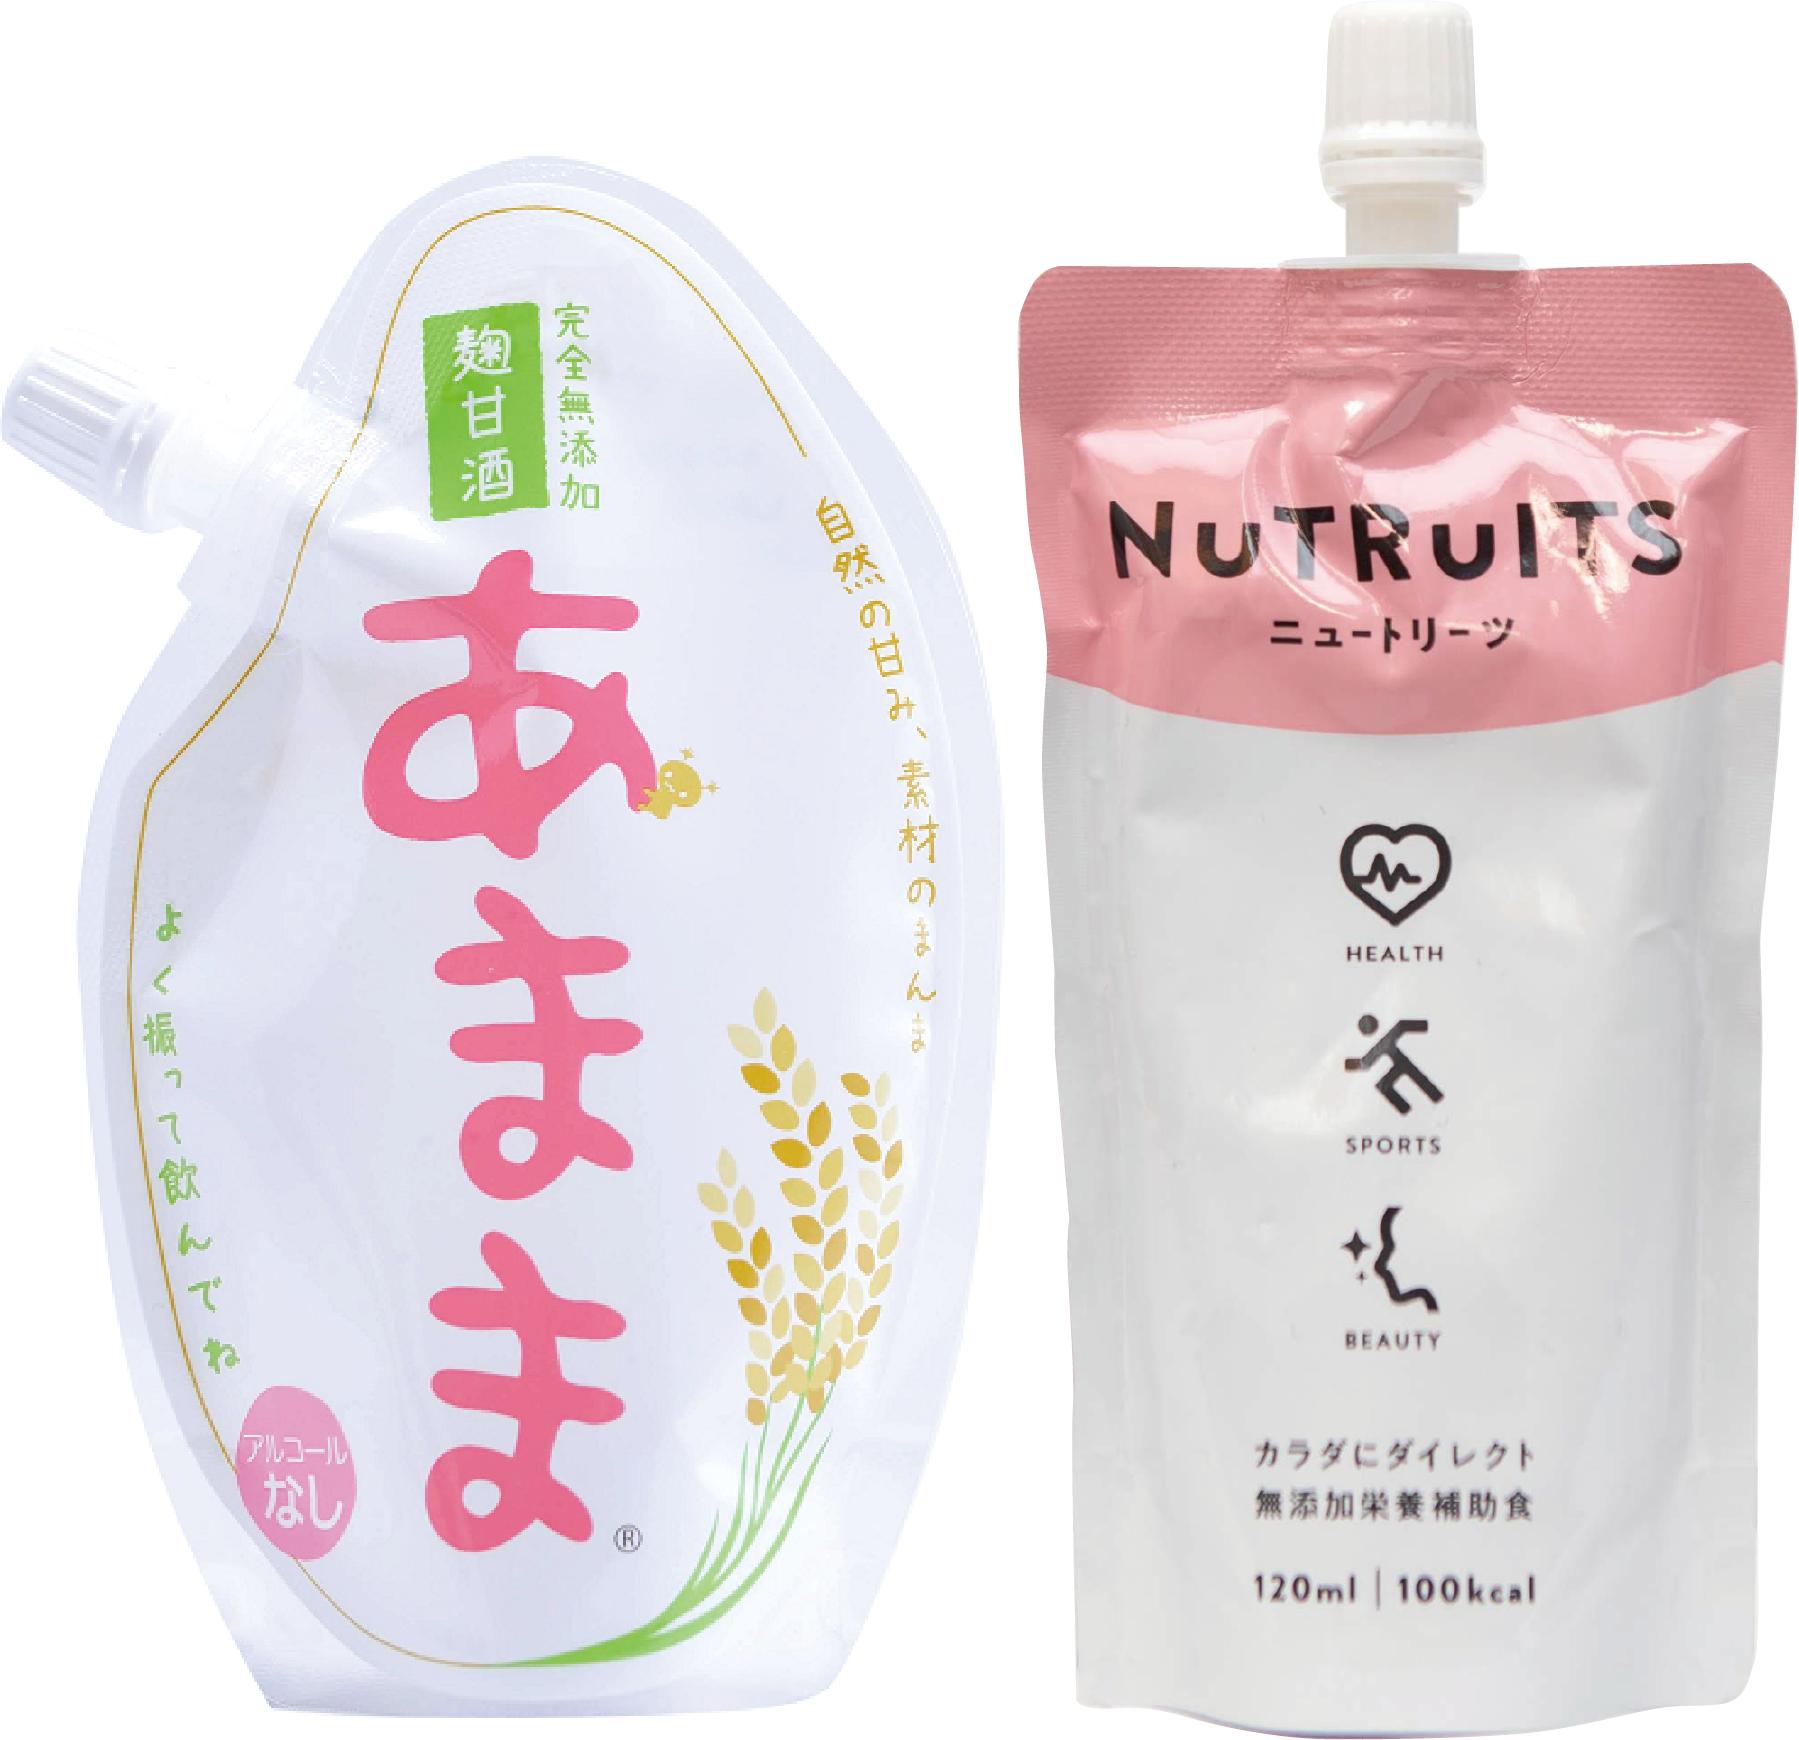 あまま+NUTRUITS(ニュートリーツ)12個セット